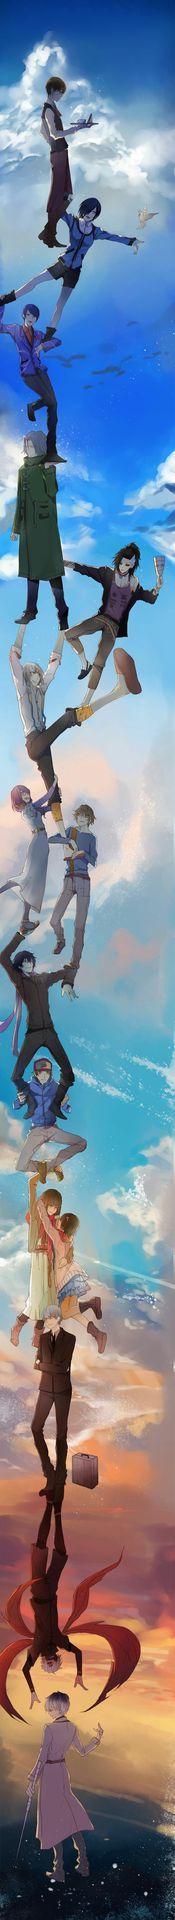 #wattpad #random Ayato es el tipo de novio que... (Prohibida su copia) -Primera historia de Ayato K. The type of boyfriend- -Portada NO mía créditos a: Pitza-.